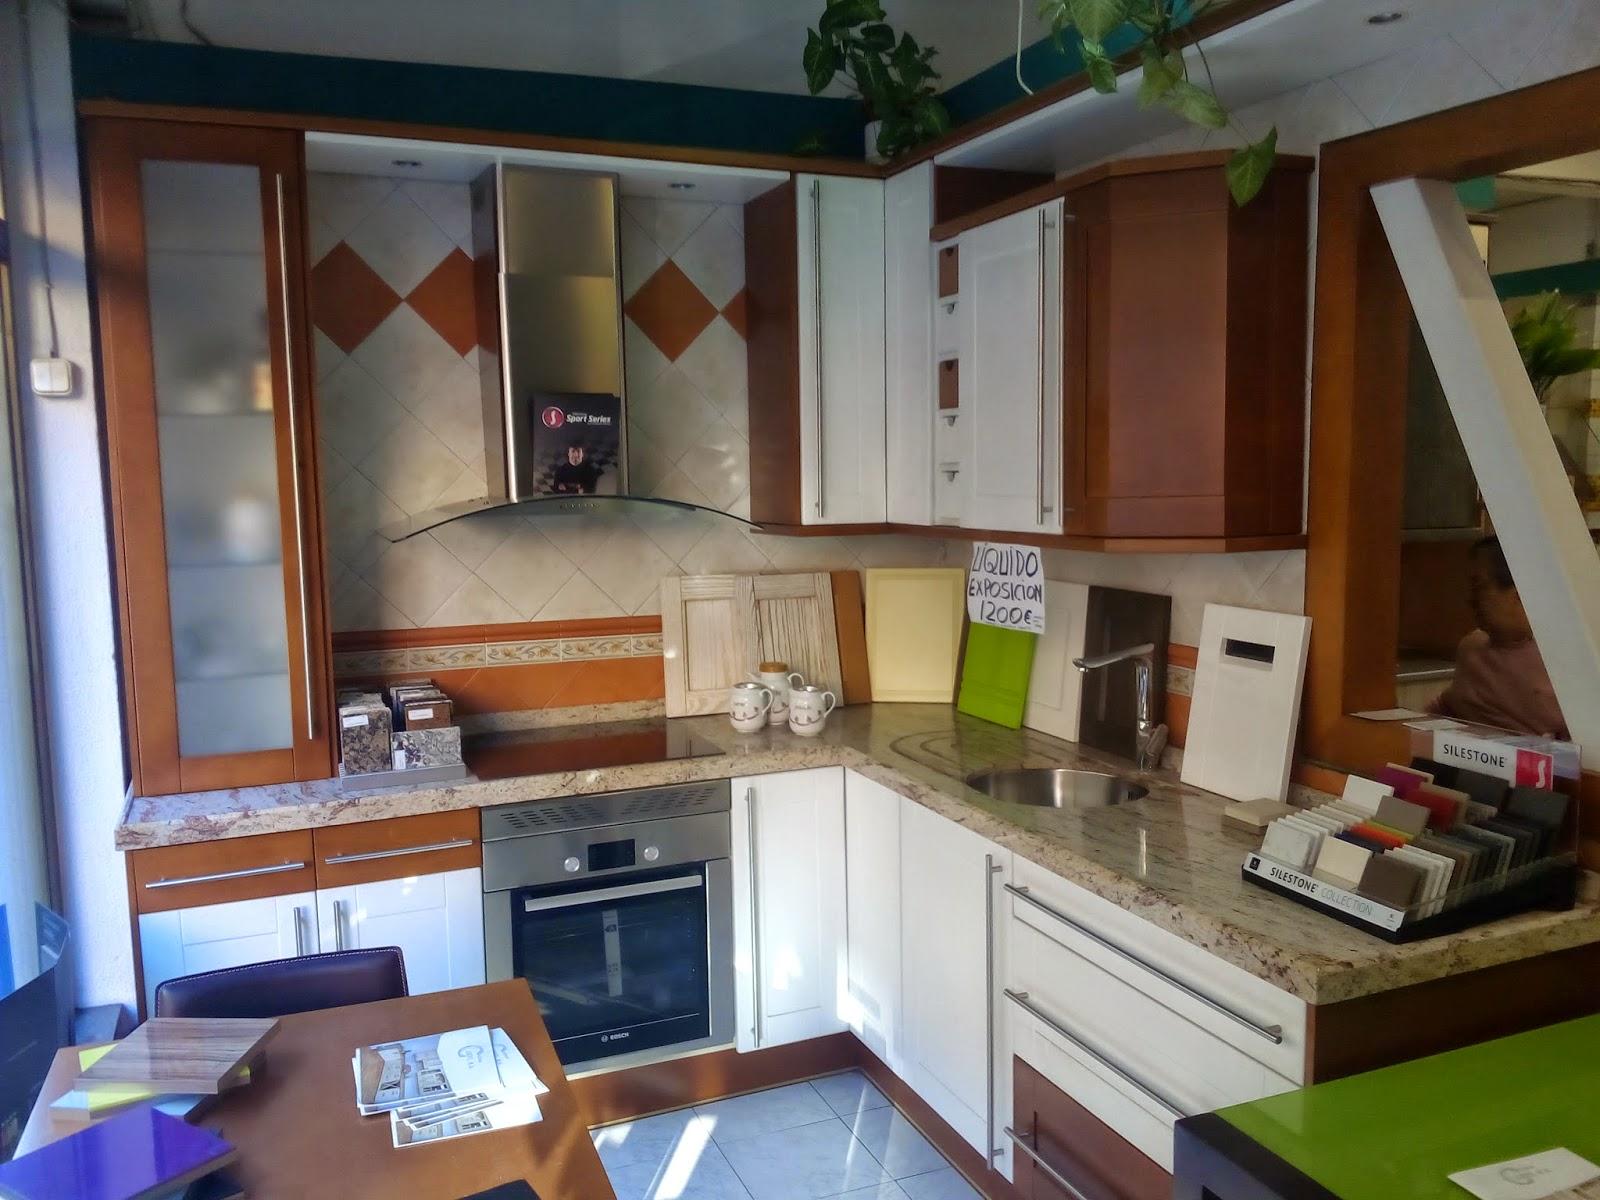 Hermoso Liquidacion Muebles Cocina Fotos Liquidacion Exposiciones  # Muebles Liquidacion Sevilla